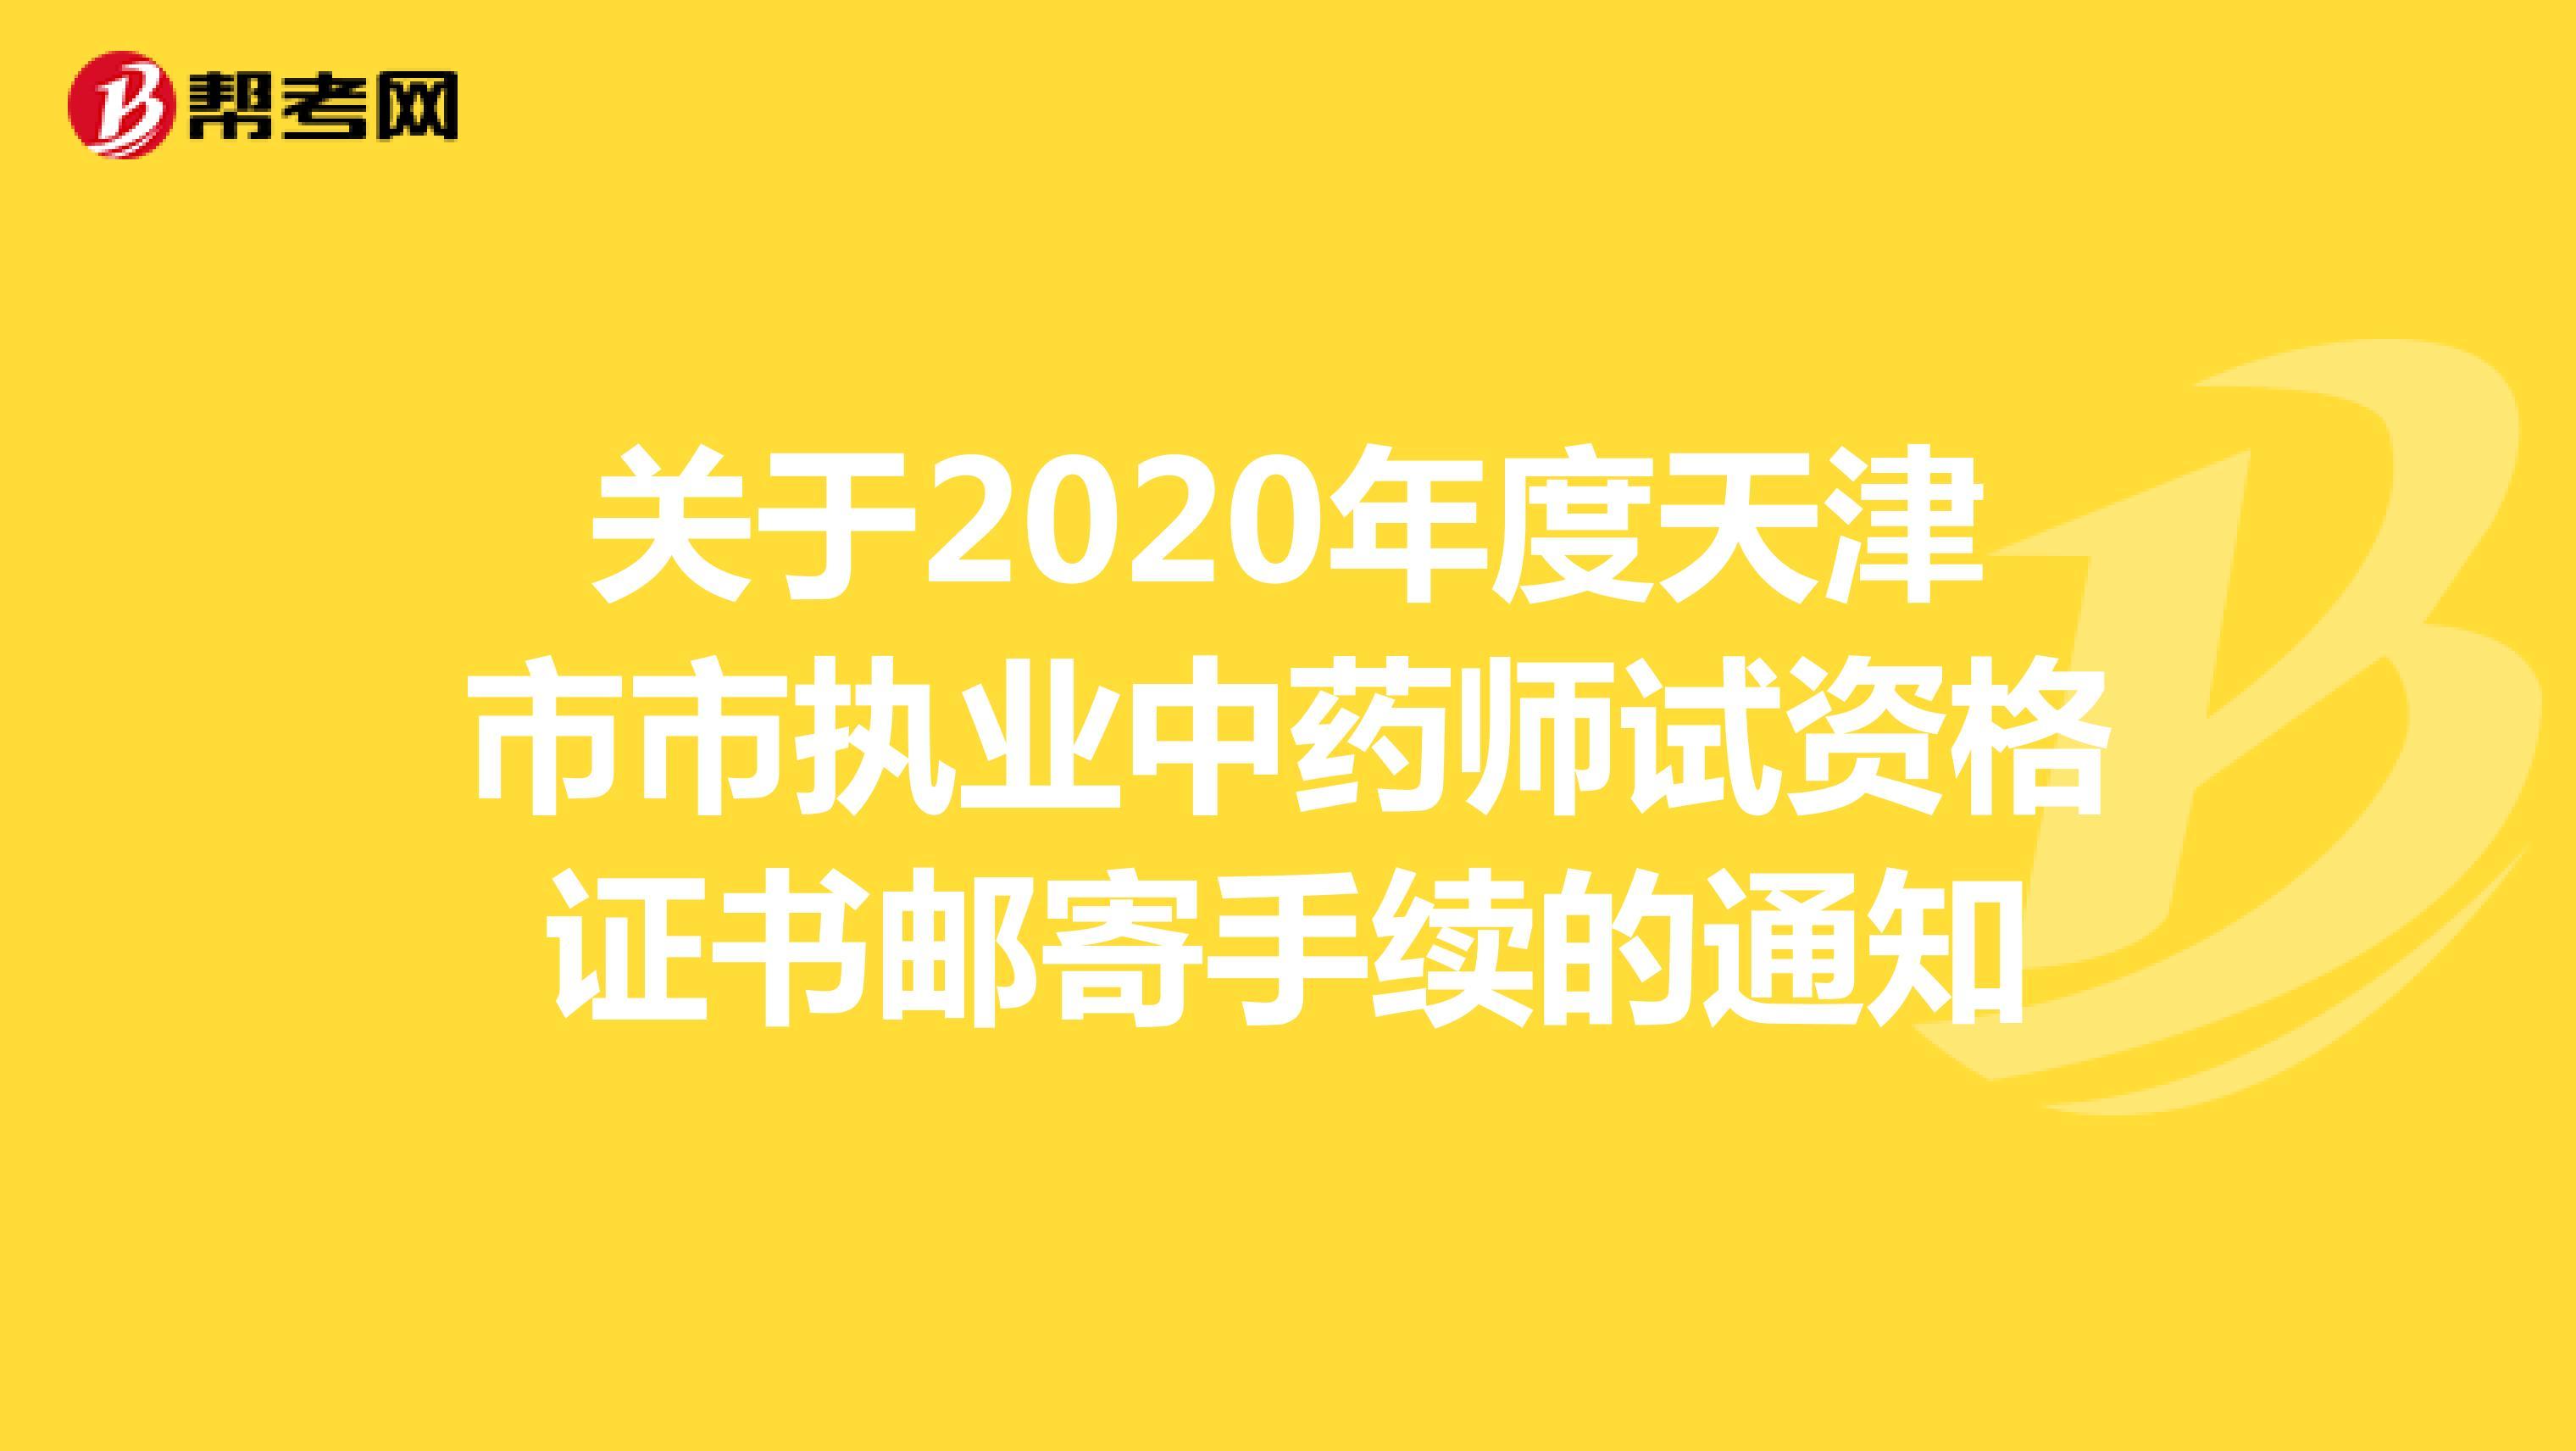 关于2020年度天津市市执业中药师试资格证书邮寄手续的通知